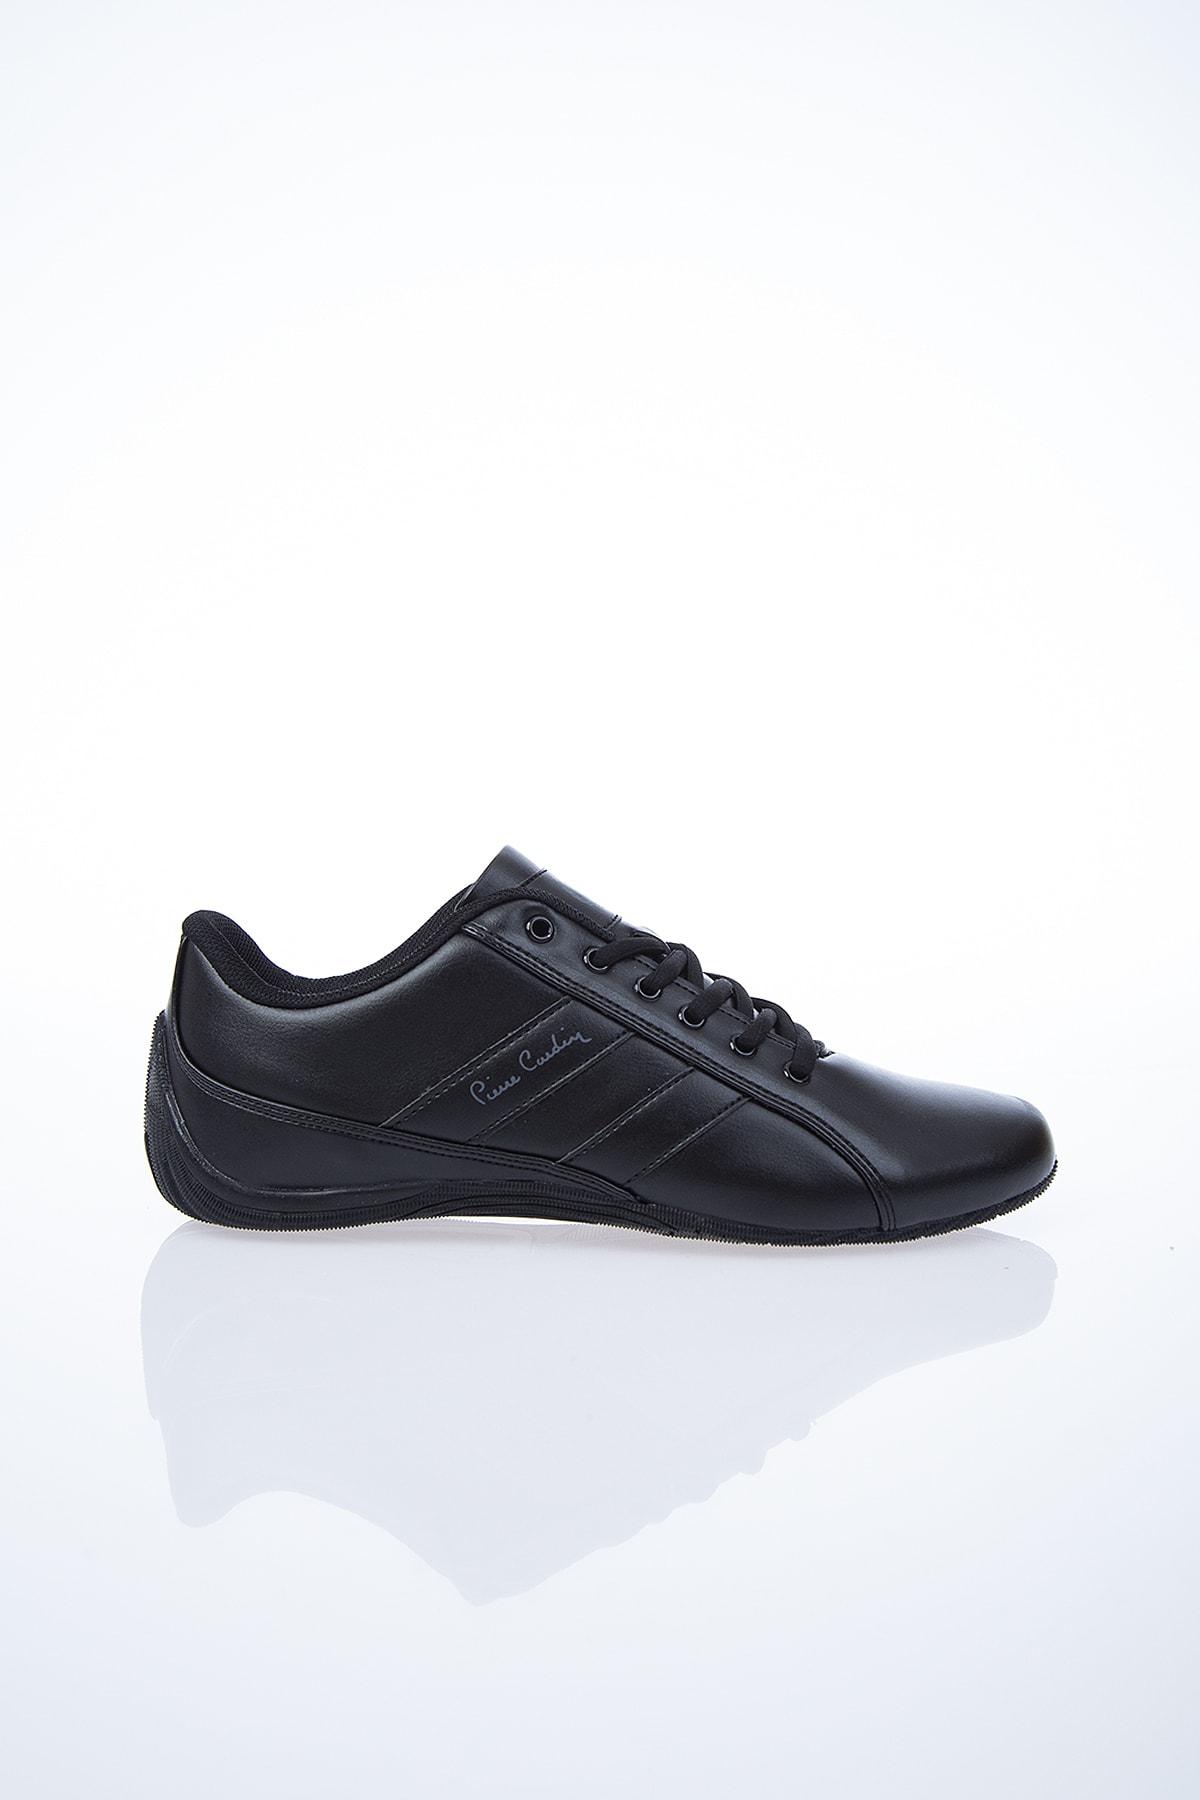 Pierre Cardin PC-30490 Siyah Erkek Spor Ayakkabı 1